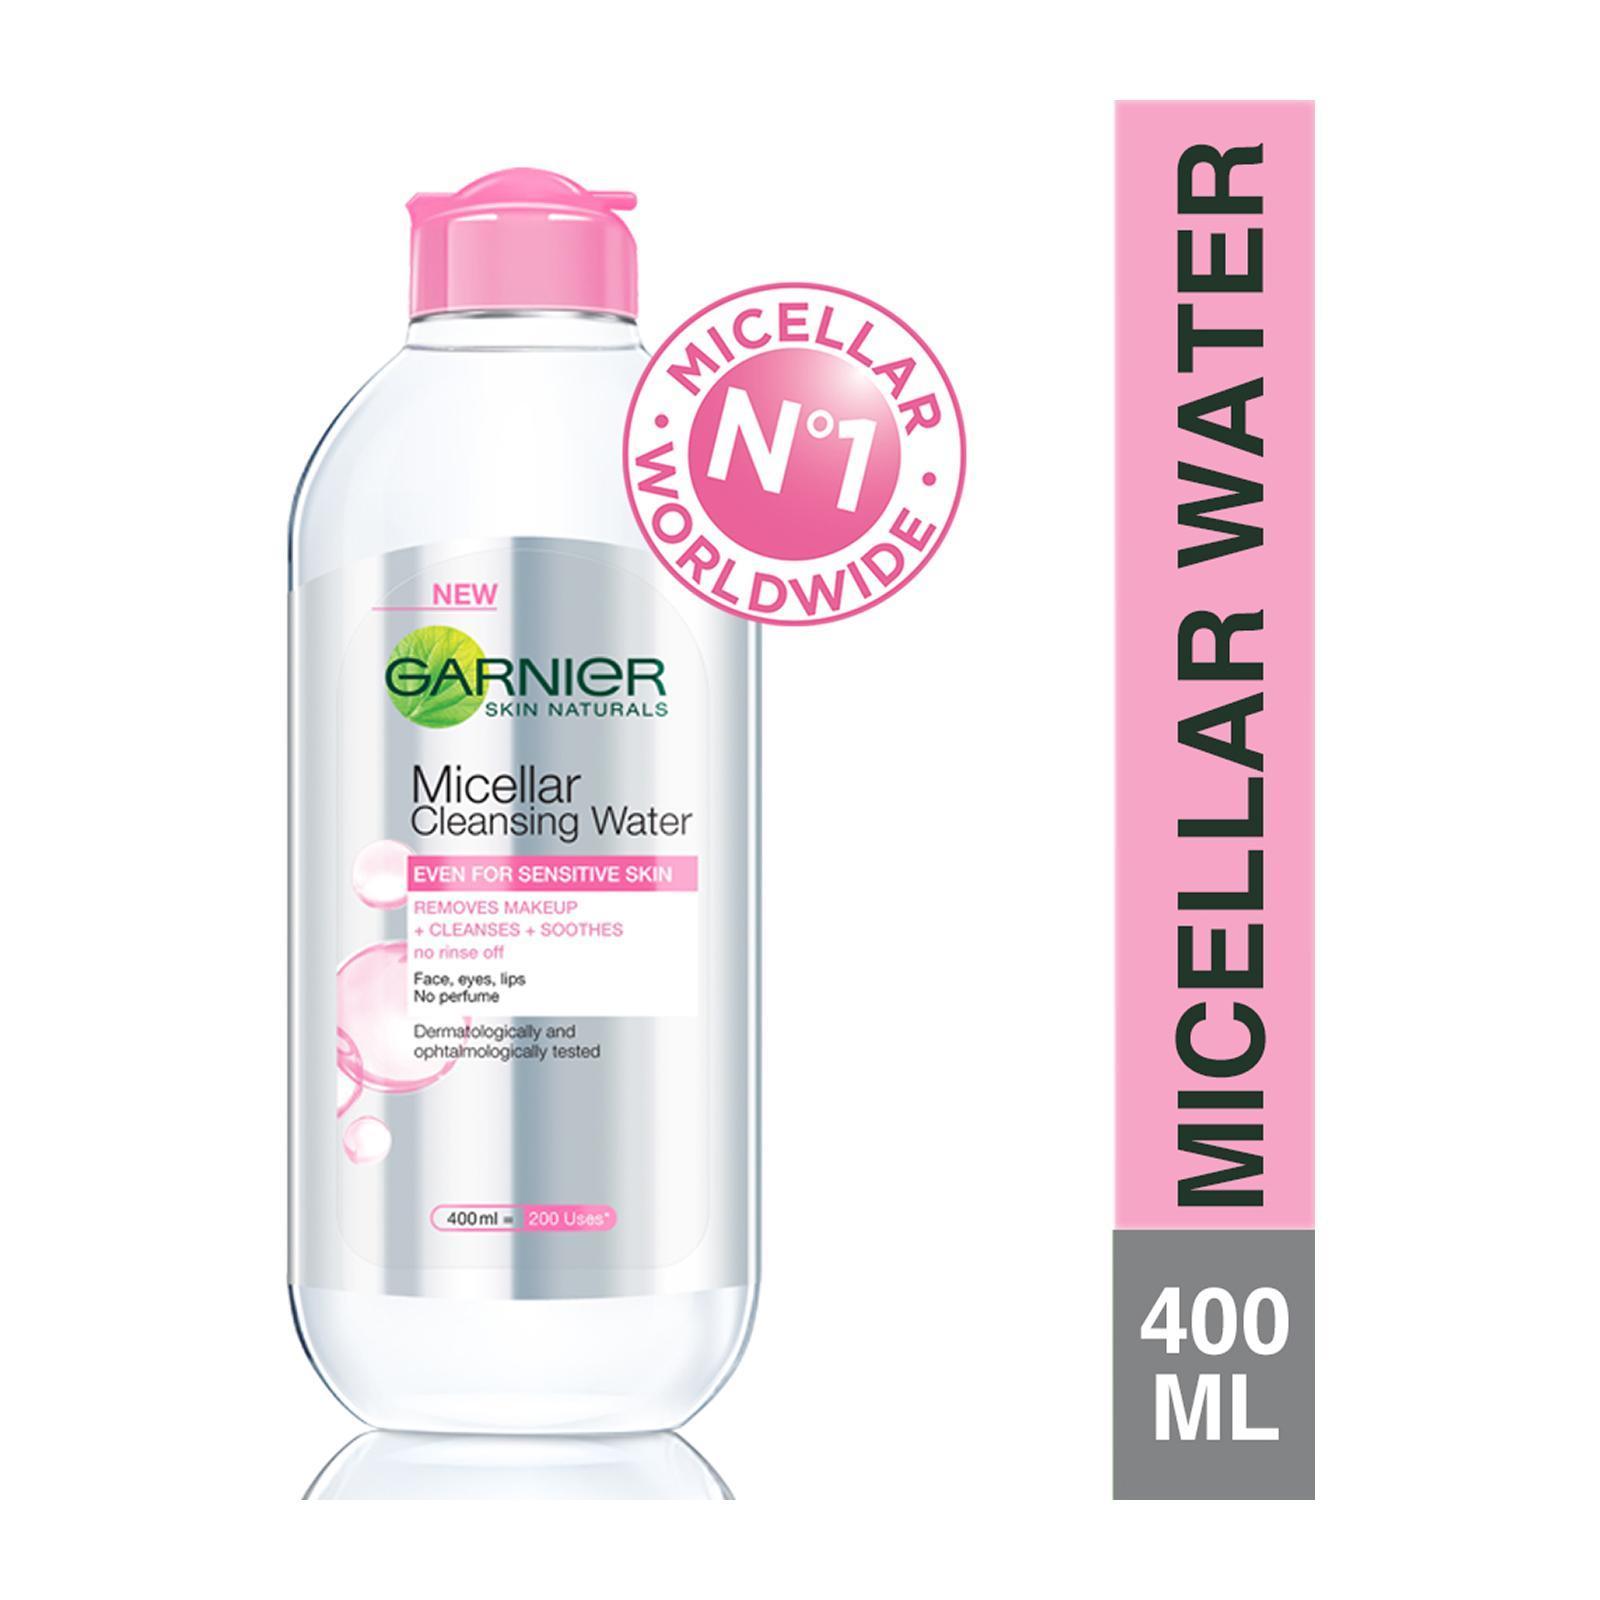 Garnier Micellar CleansIng Water PInk